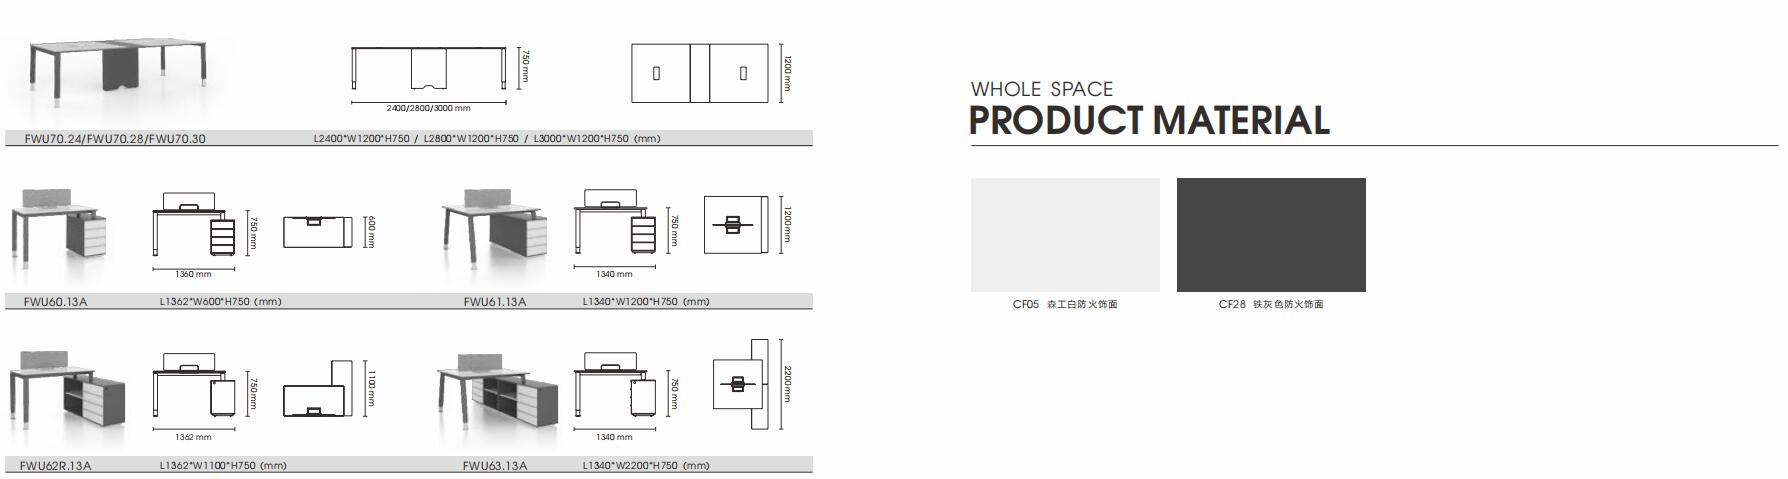 维诺系列H031会议桌颜色图